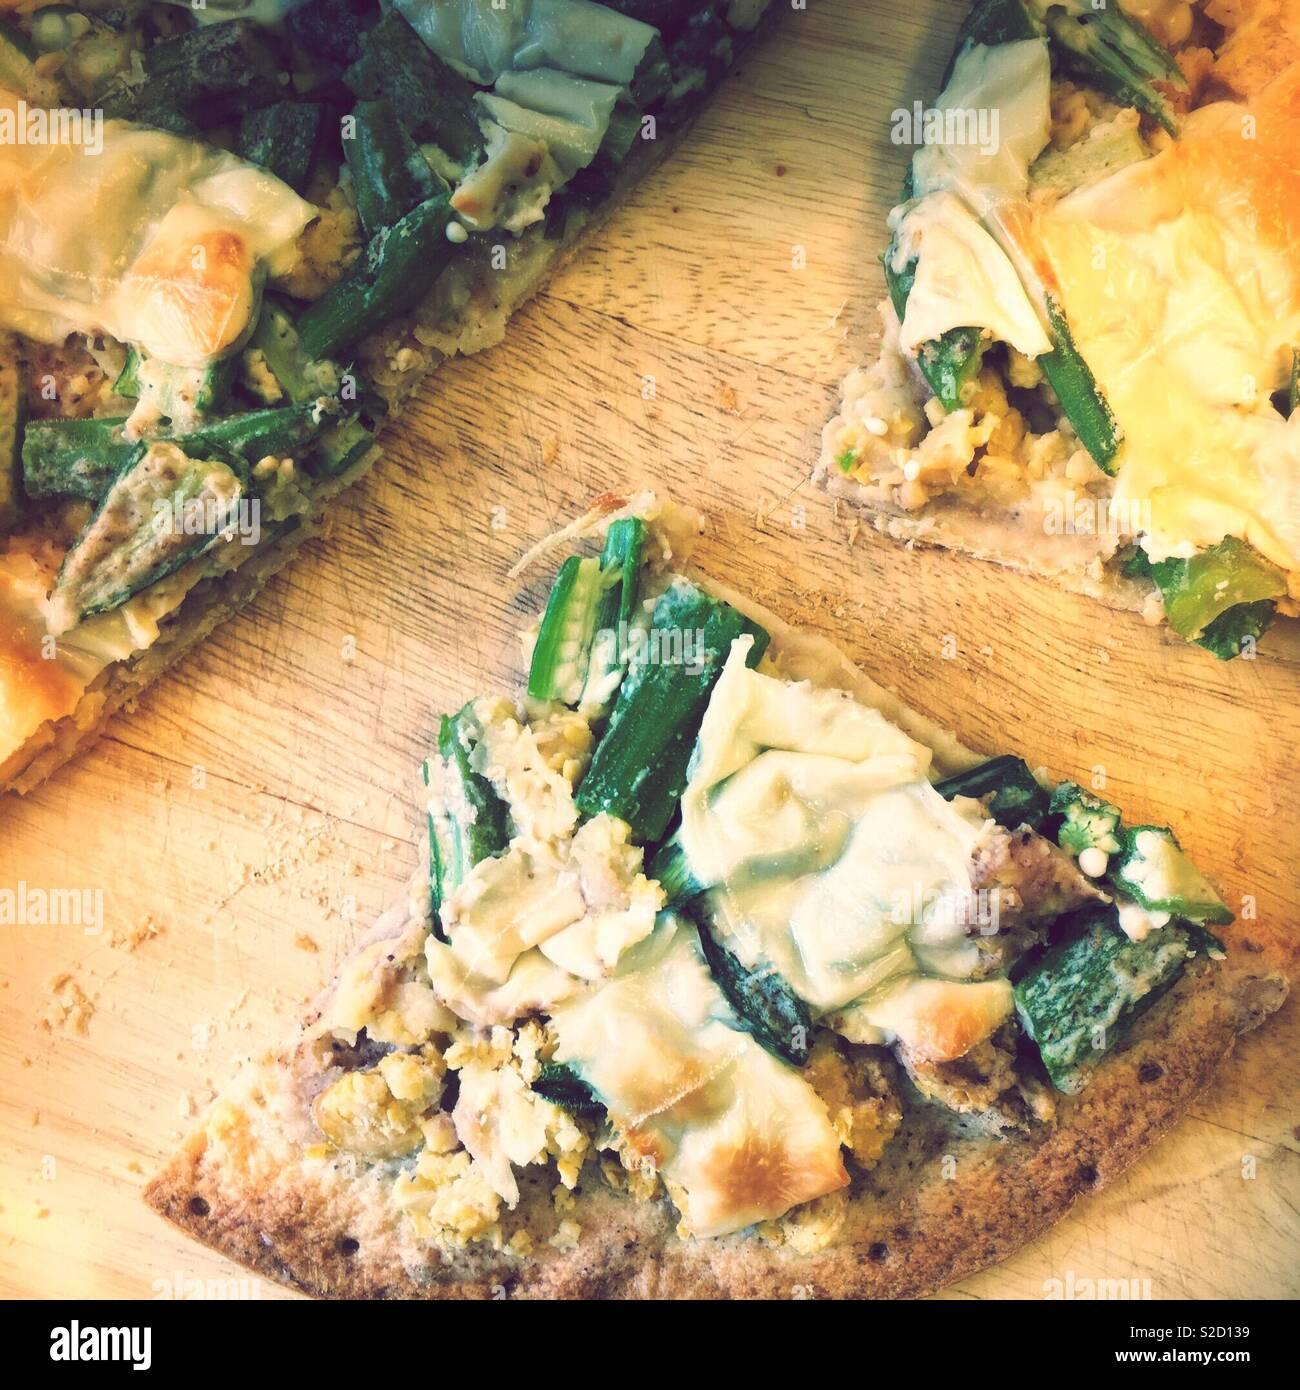 Des tranches de régime sans gluten Sans lactose végétalien végétarien pizza blanche sur une planche à découper en bambou. L'okra, pois chiches, mozzarella vegan. Faible taux de cholestérol sain coeur contemporaine. Photo Stock